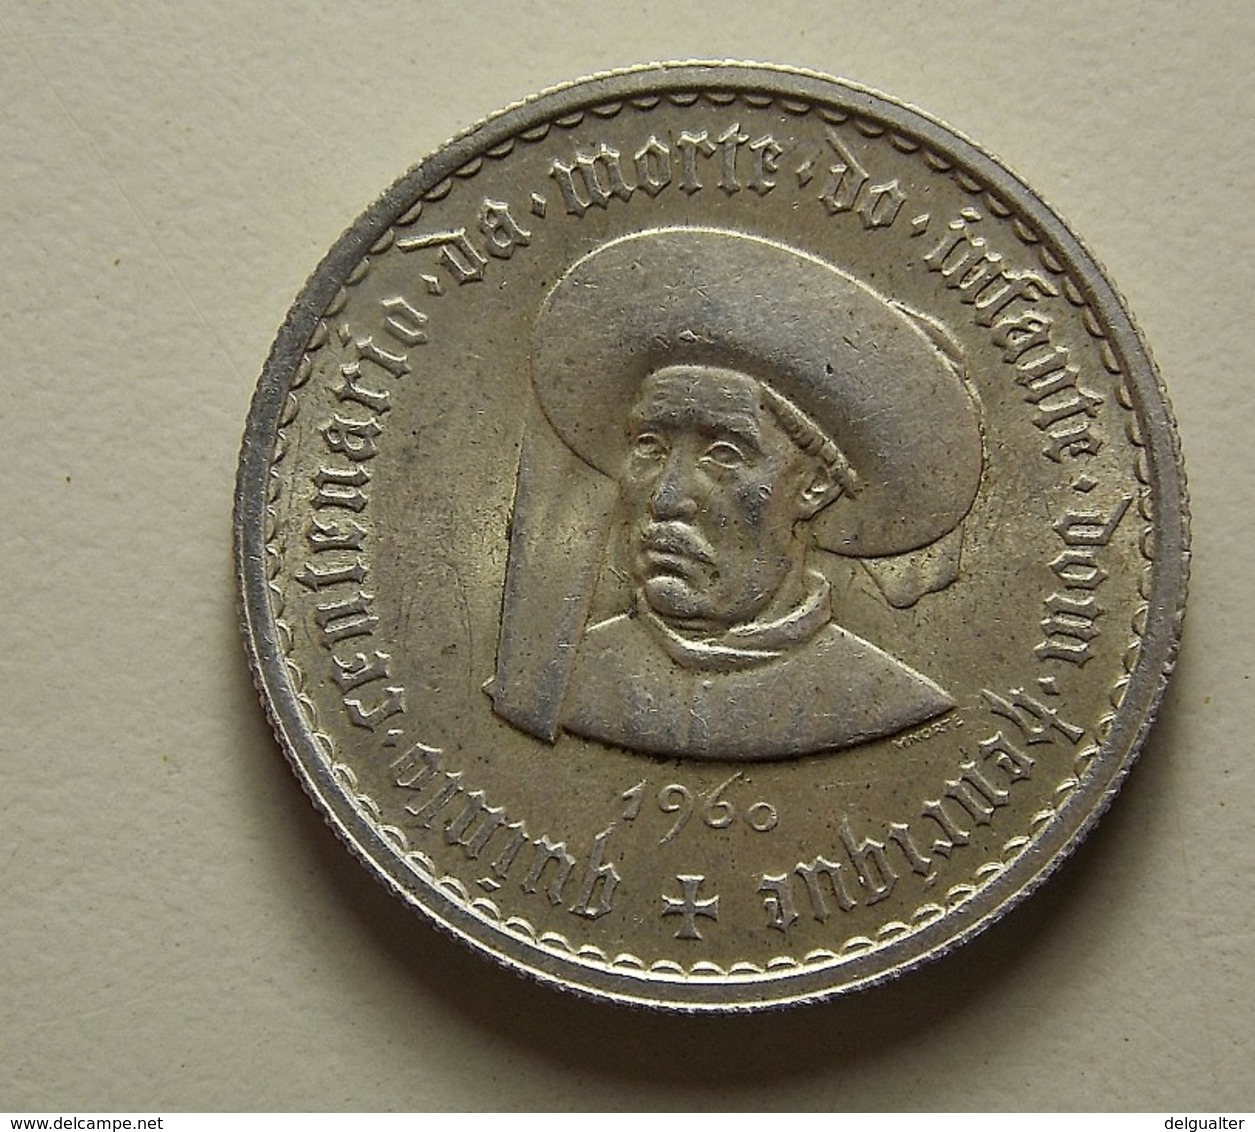 Portugal 5 Escudos 1960 Silver - Portugal